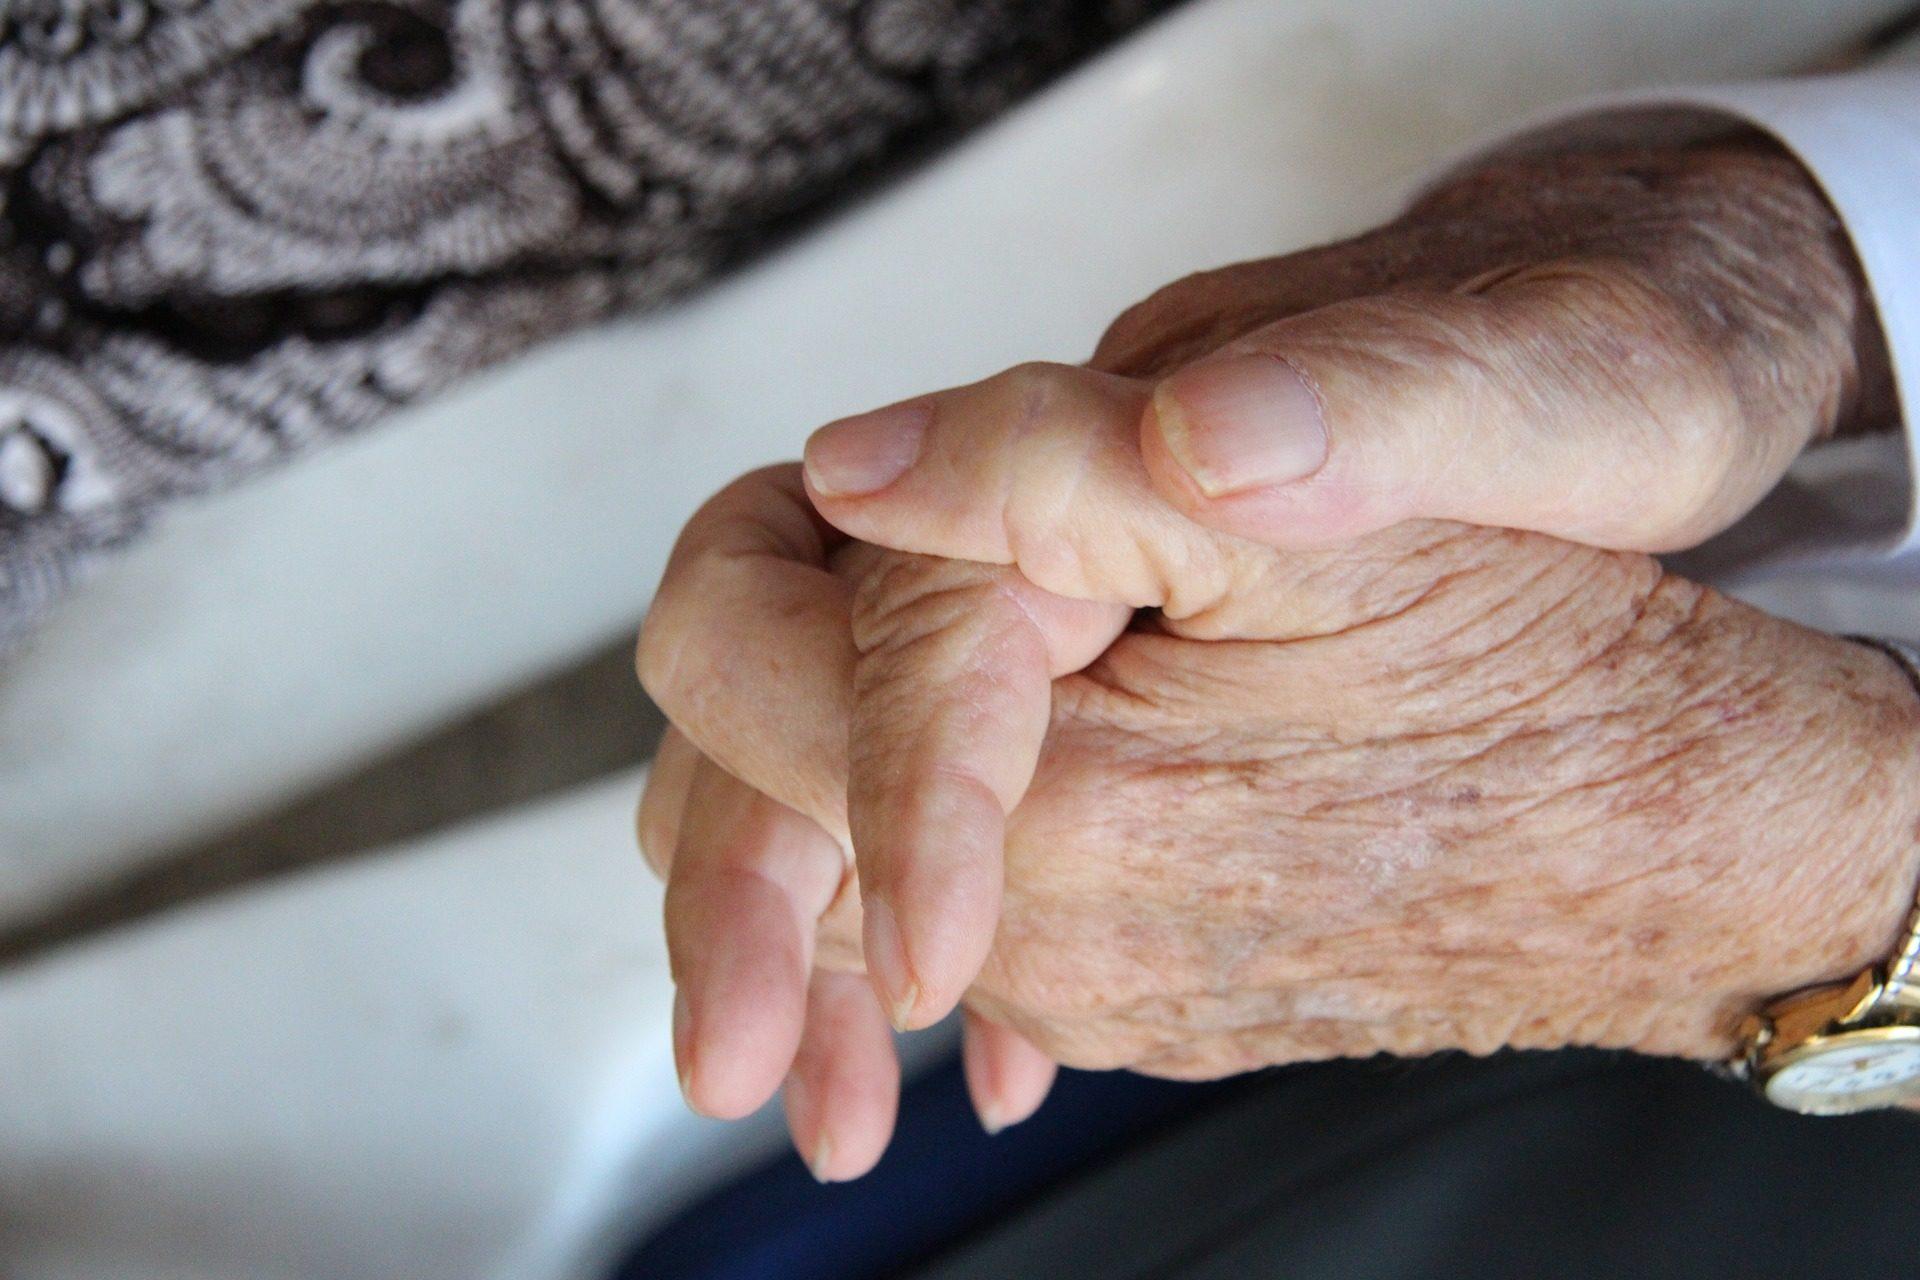 τα χέρια, ρυτίδες, Τρίτη ηλικία, εμπειρία, ζωή, senescence - Wallpapers HD - Professor-falken.com